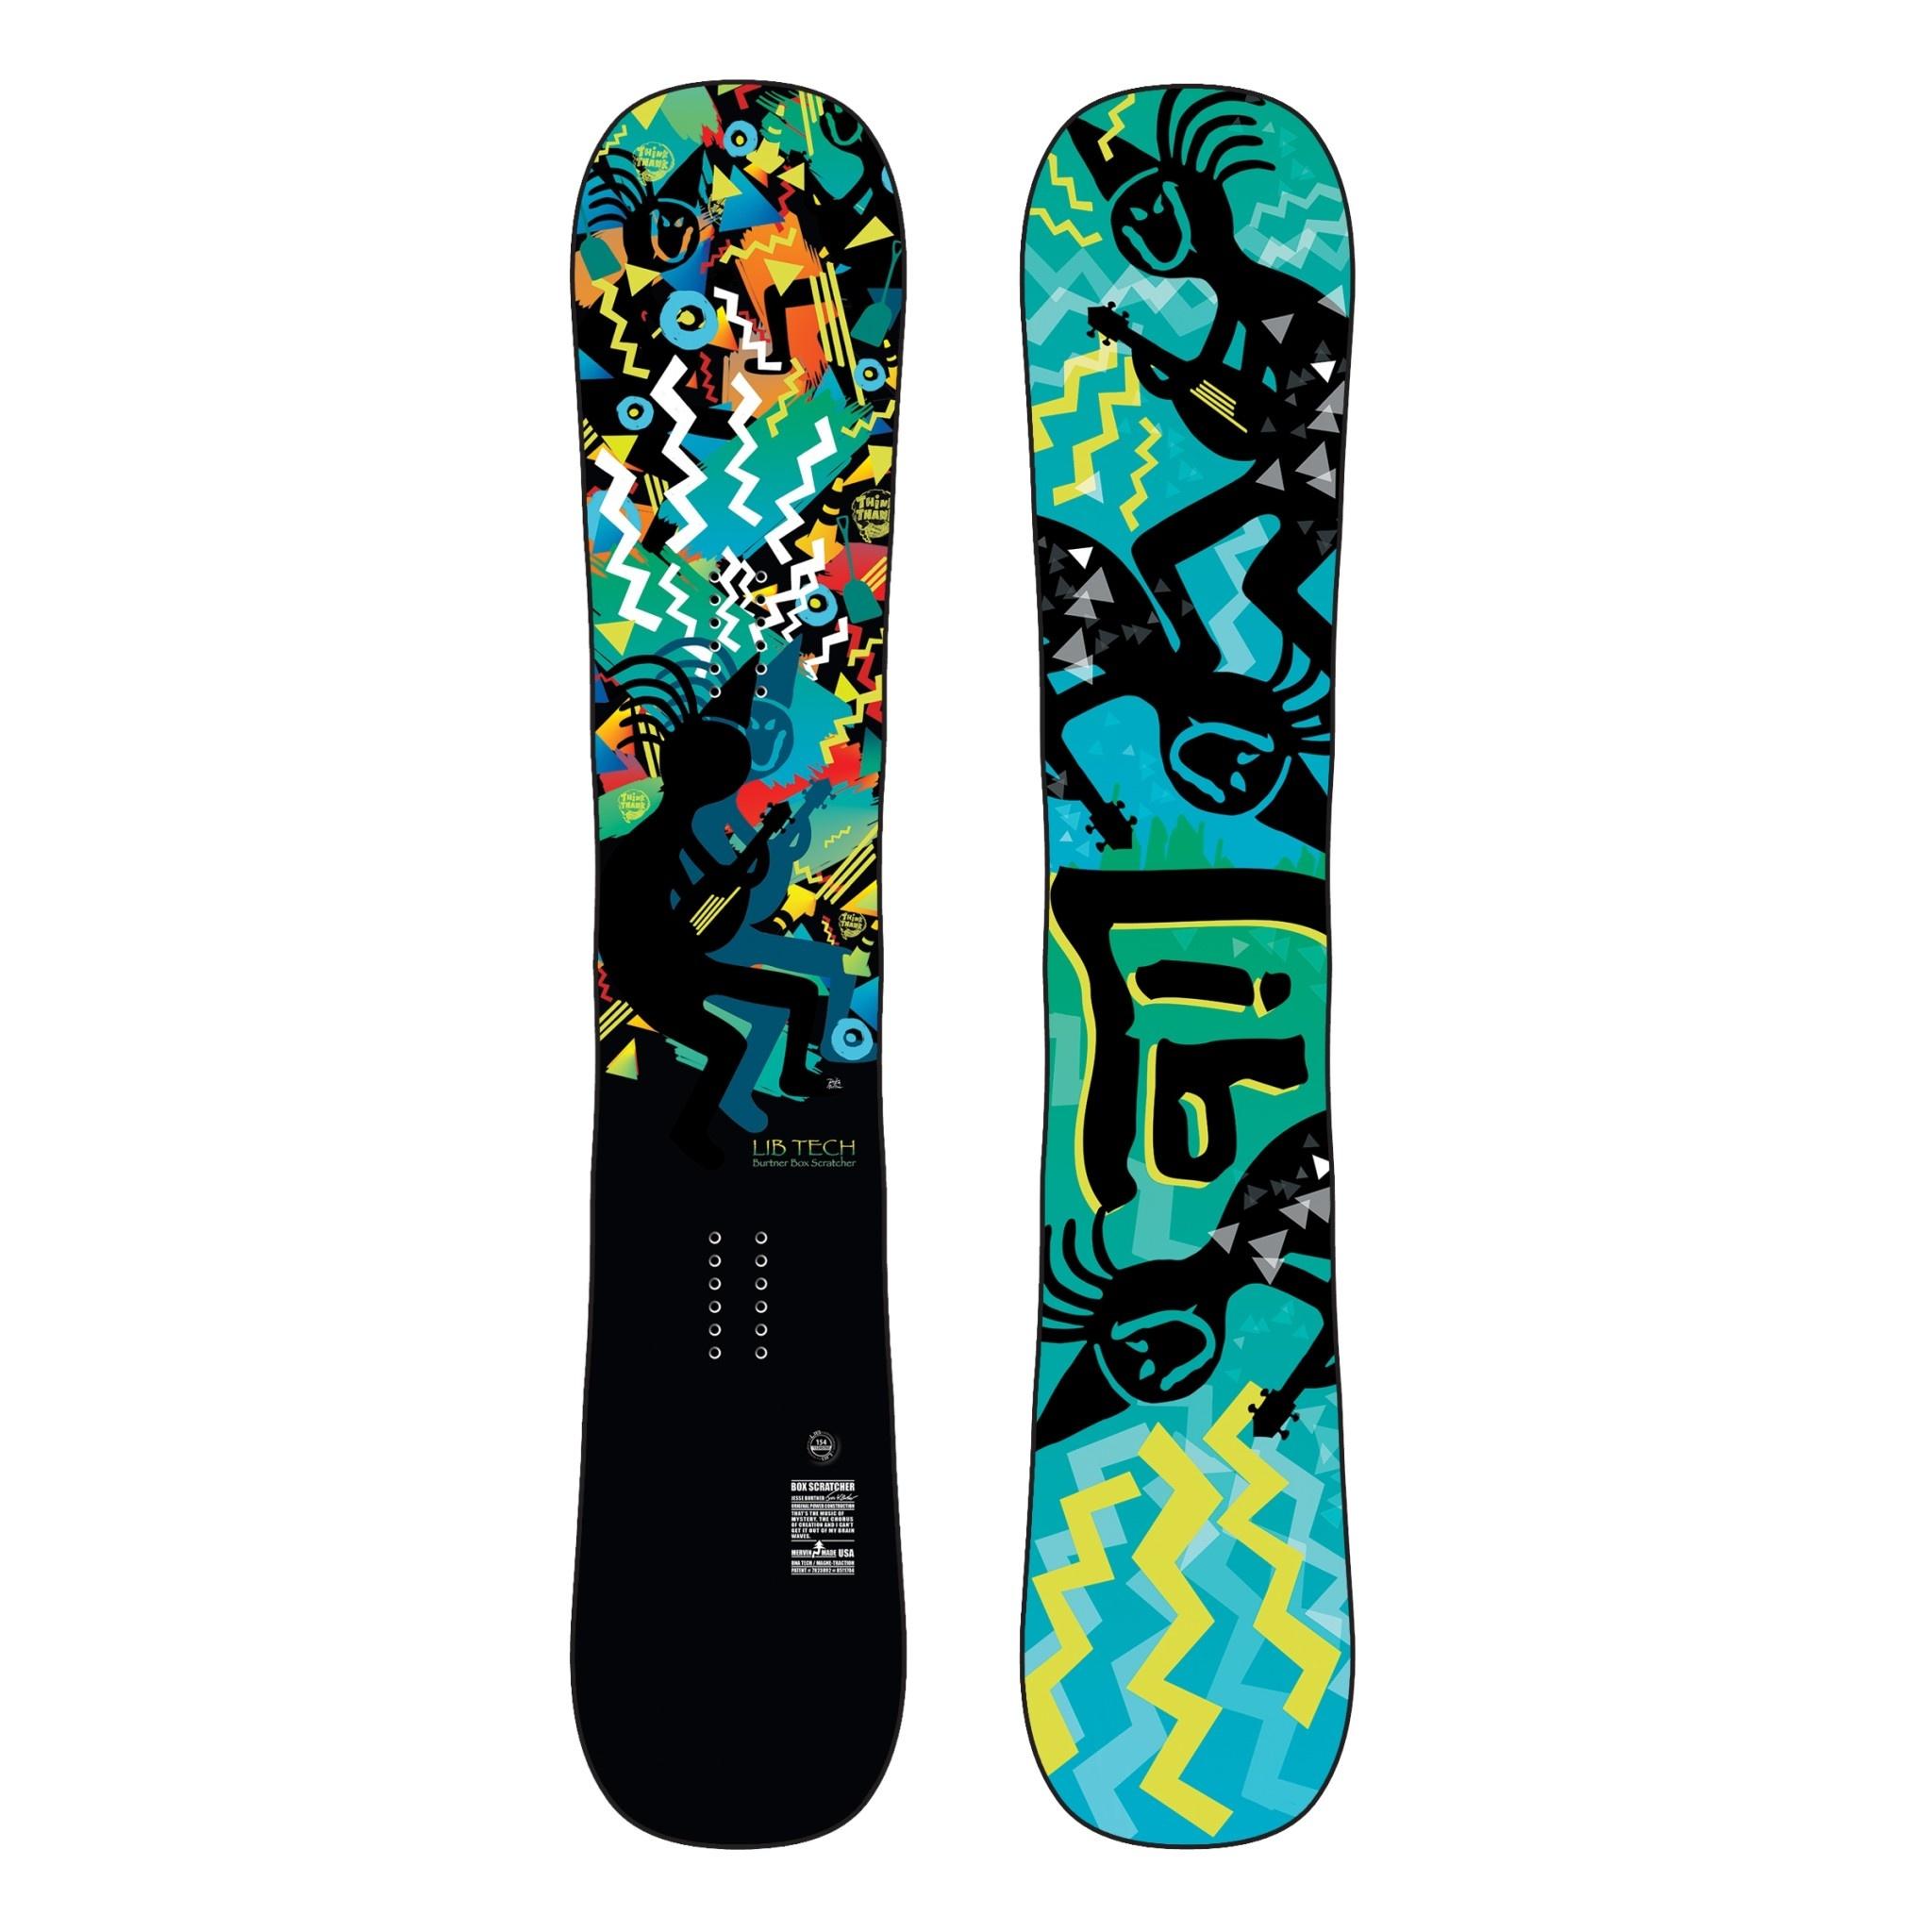 LIB TECH Lib Tech Men's Box Scratcher Snowboard (2021)